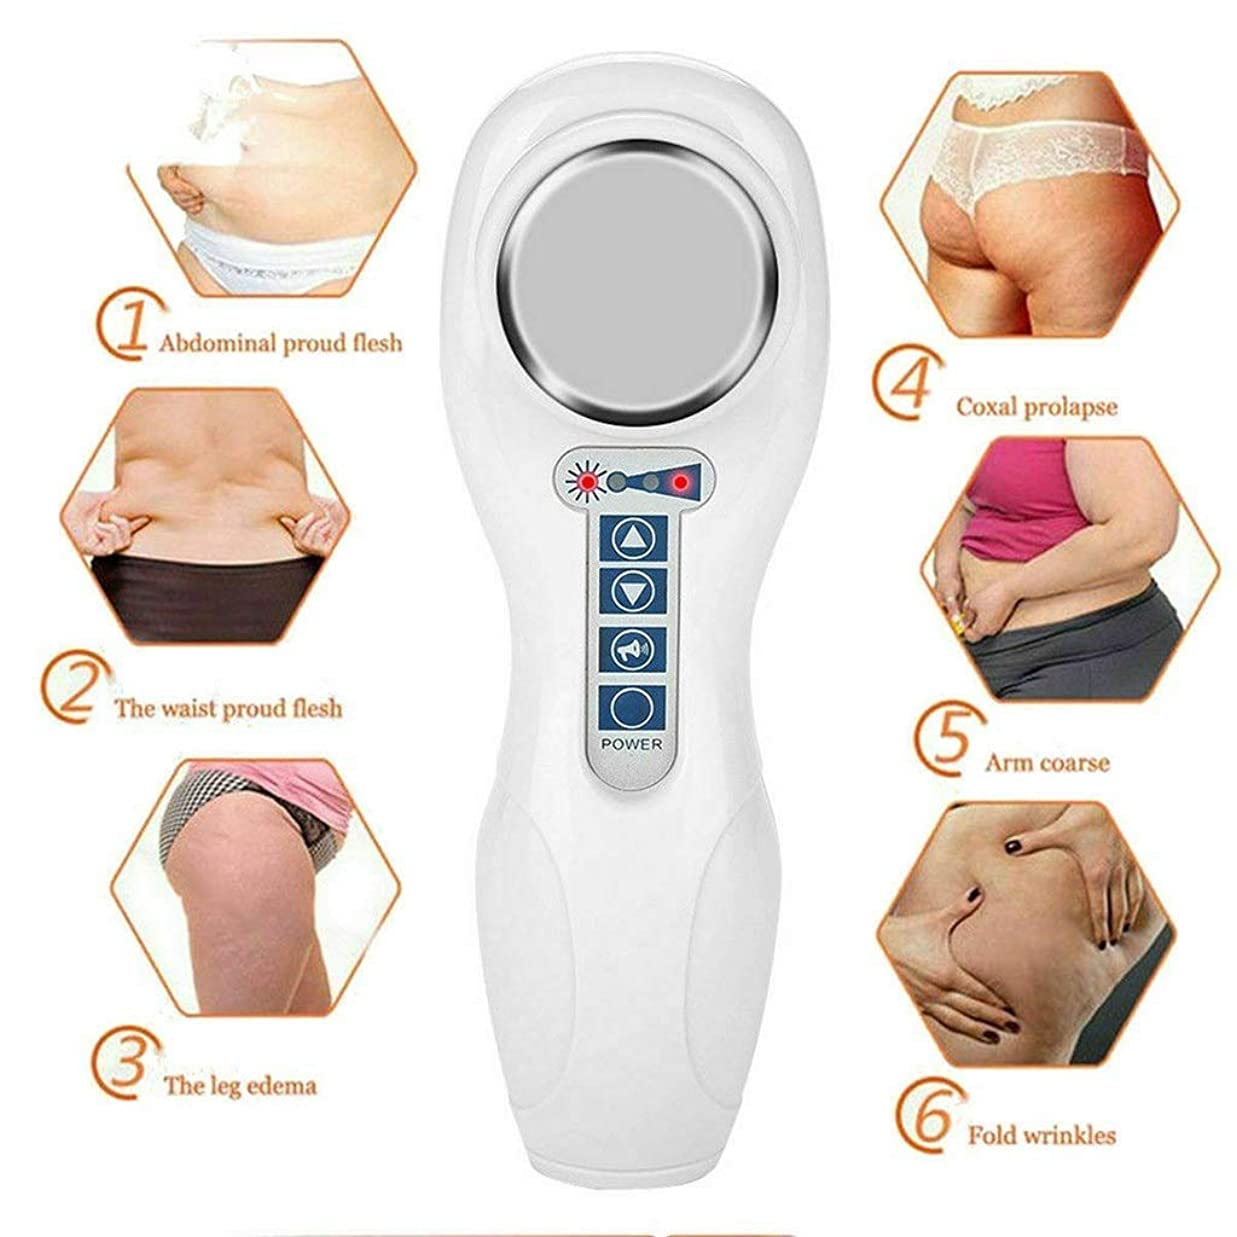 断線関係印象減量のマッサージャー、アンチエイジング痩身アンチセルライトマシン美容機器多機能スキンケアフェイスボディ彫刻デバイス用女性